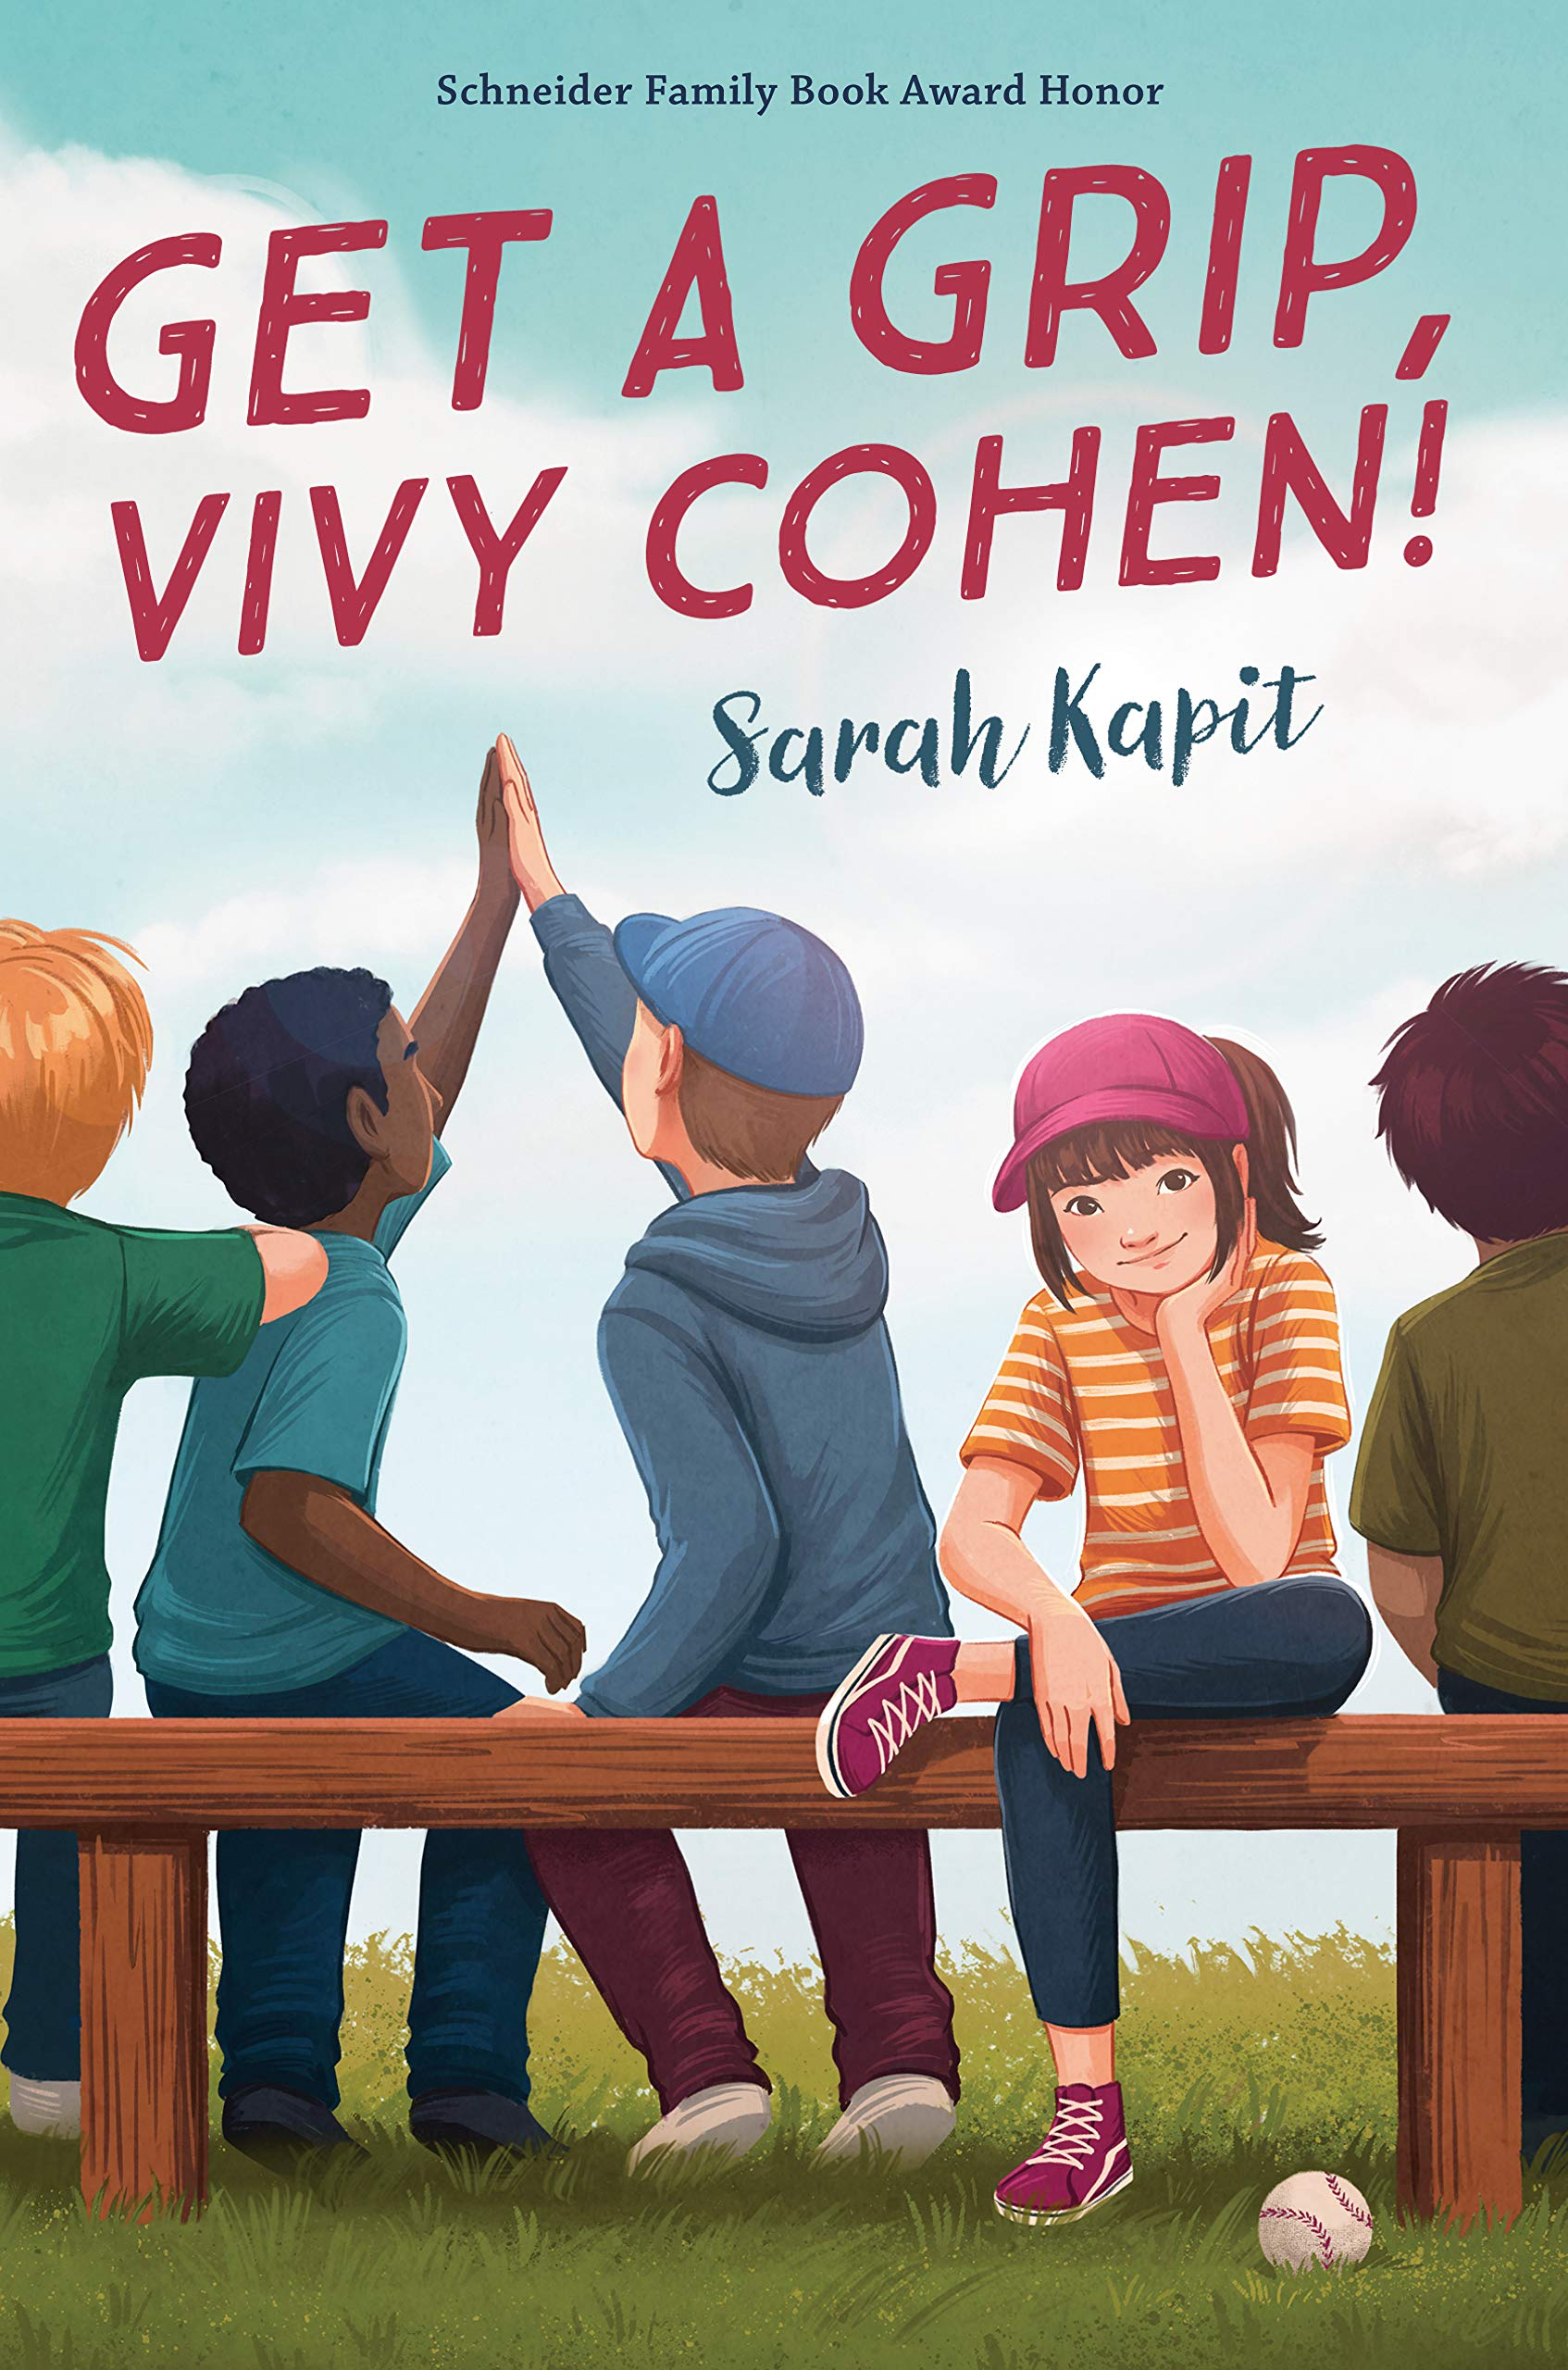 Get a Grip, Vivy Cohen!: Kapit, Sarah: 9780525554189: Amazon.com: Books